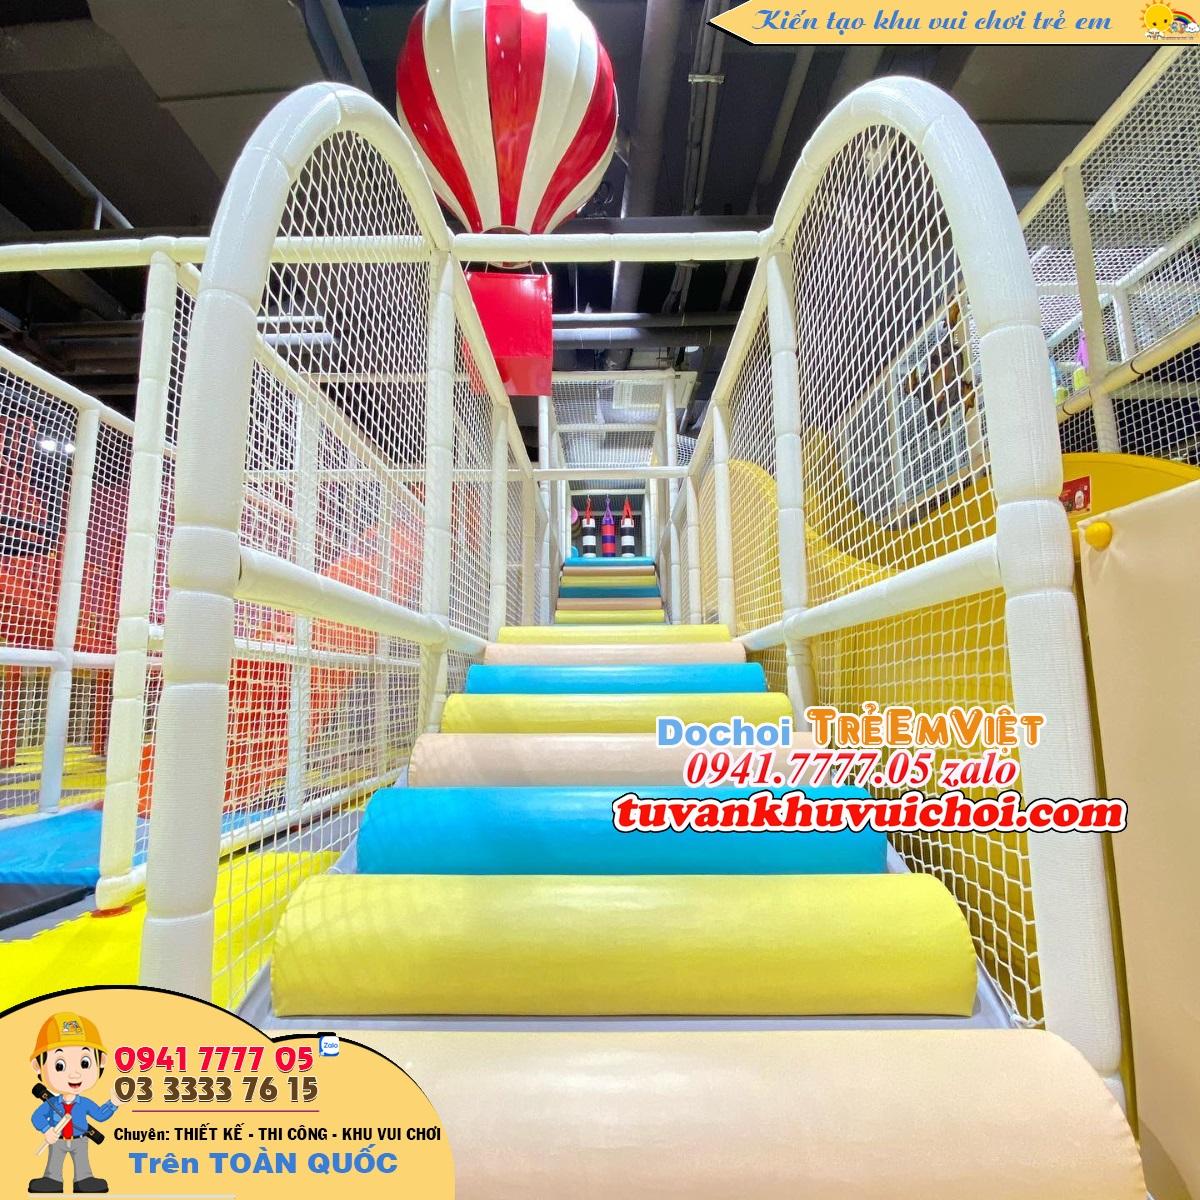 khu vui chơi trẻ em 300m2